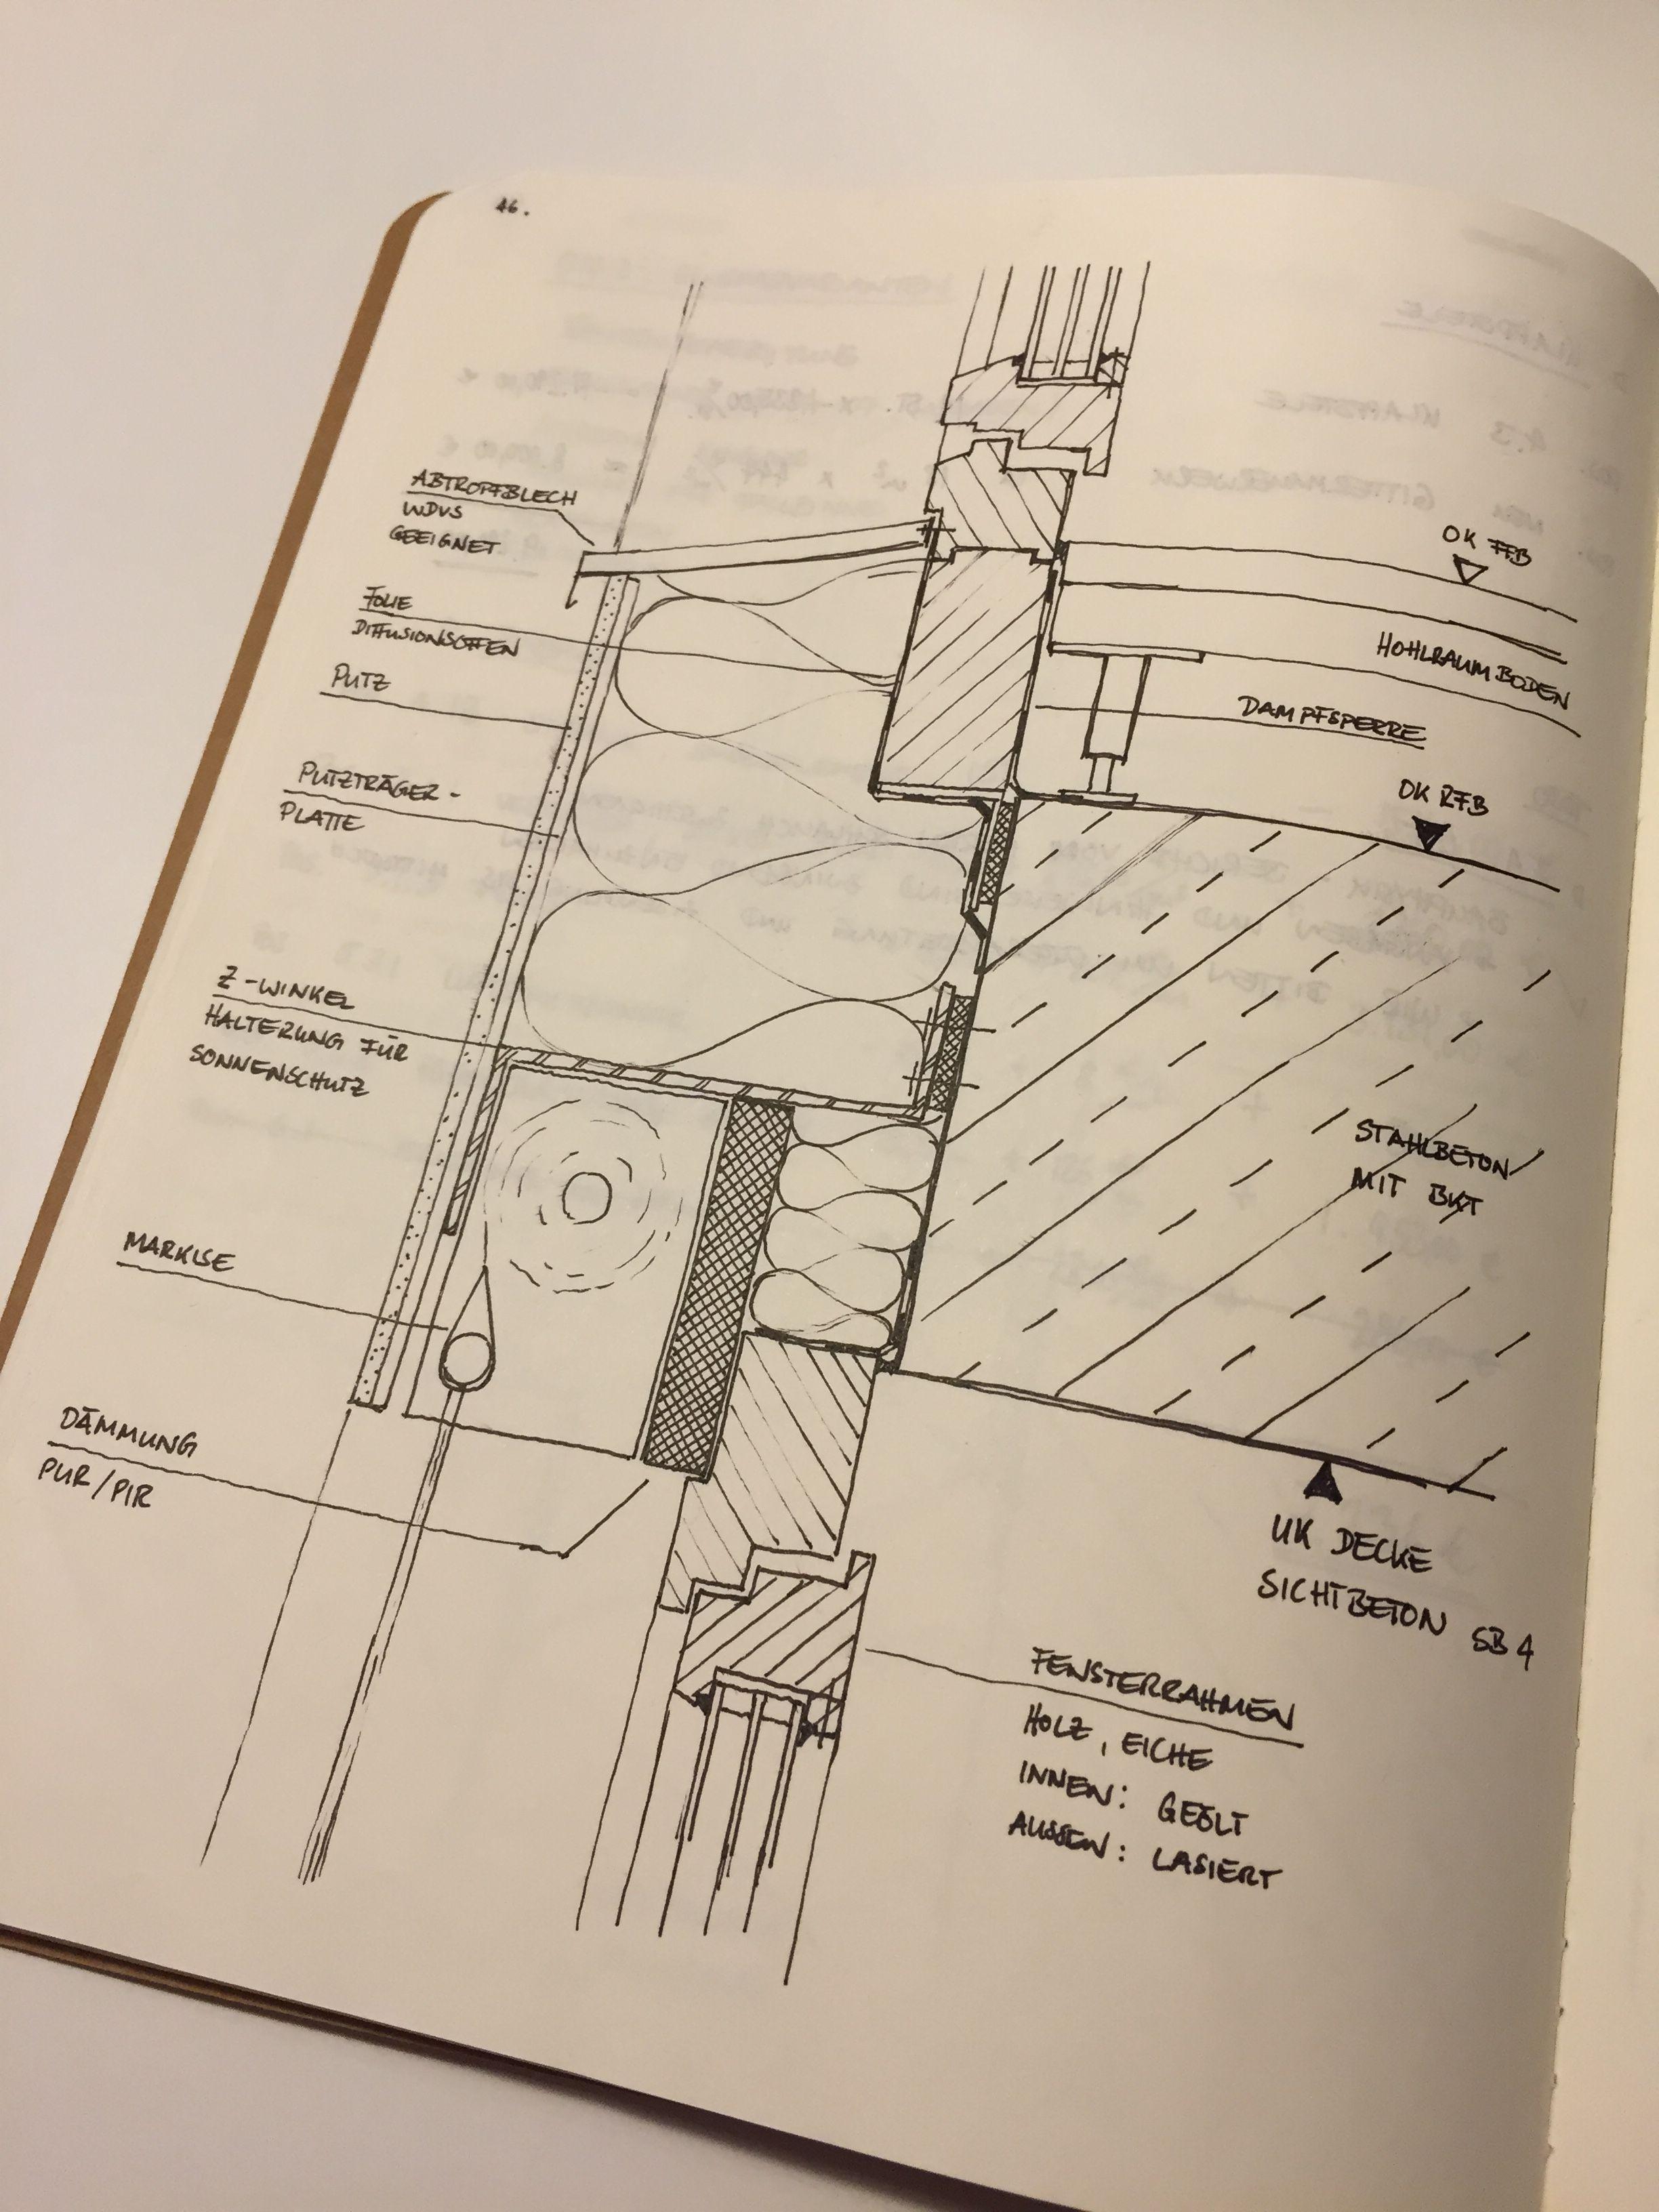 Details · ZeichentechnikenArchitektur ZeichnungenSchuppenGrundrisseWerkzeugeSammlungGrafikenArchitektur  TafelArchitekturdetails